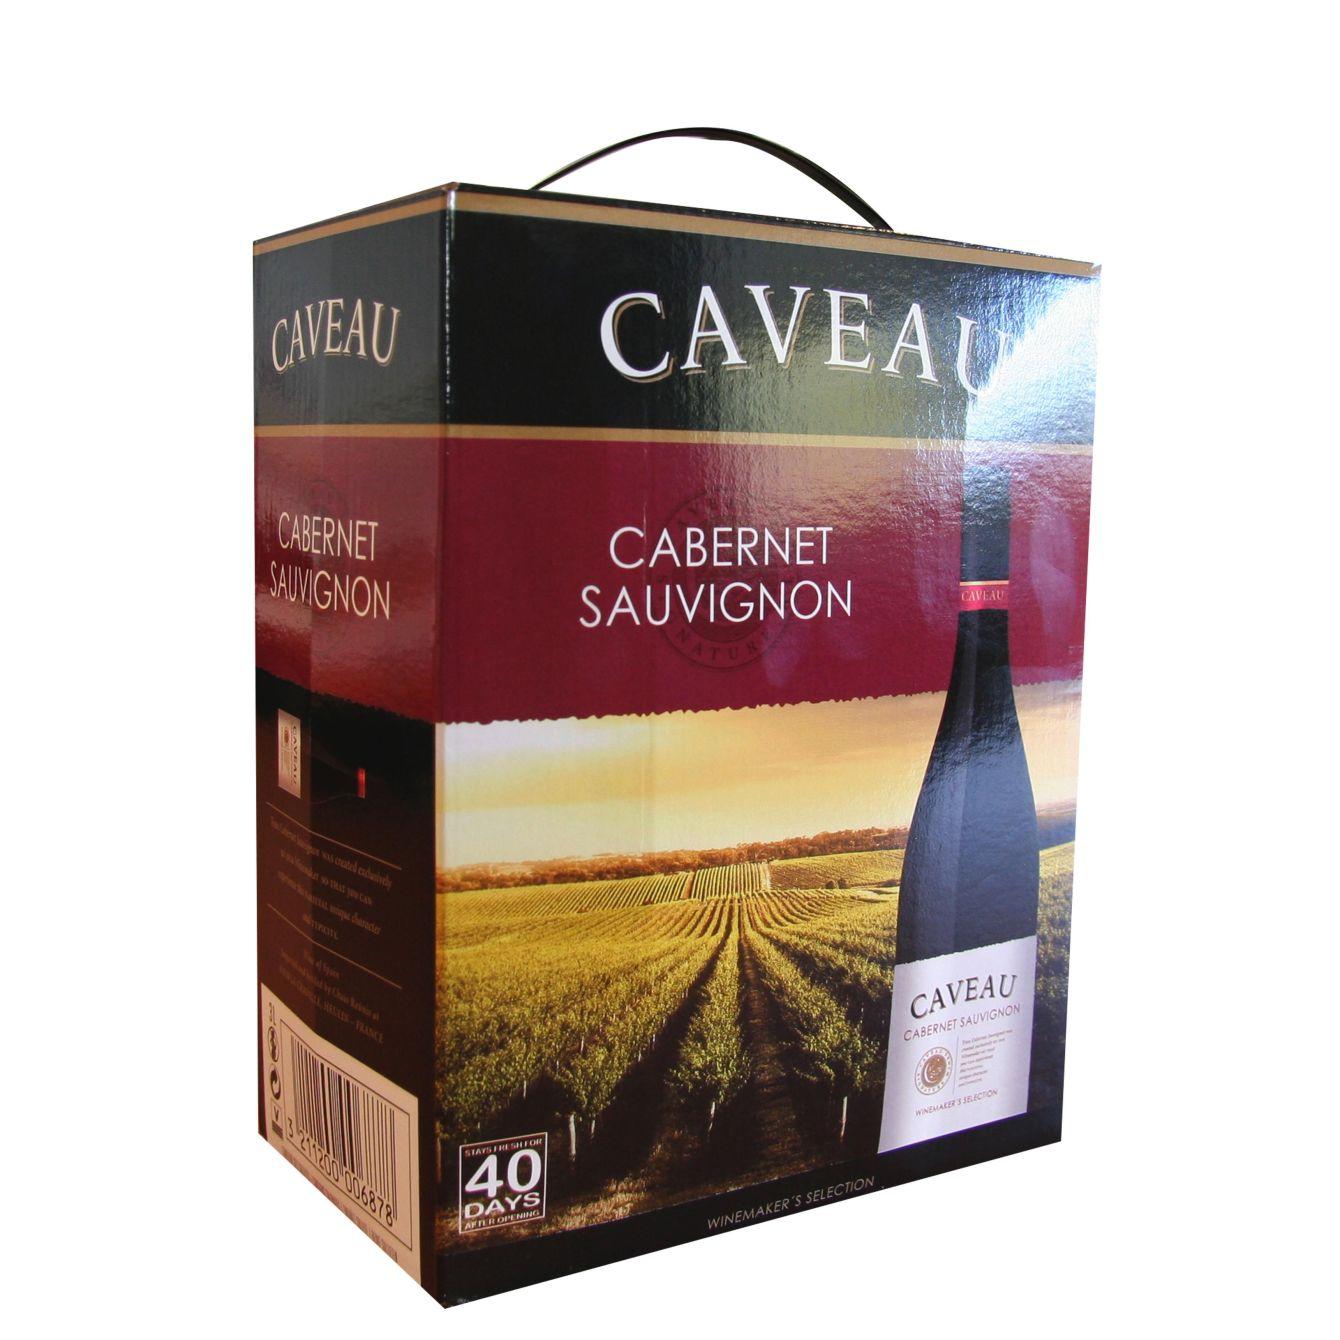 Caveau Cabernet Sauvignon